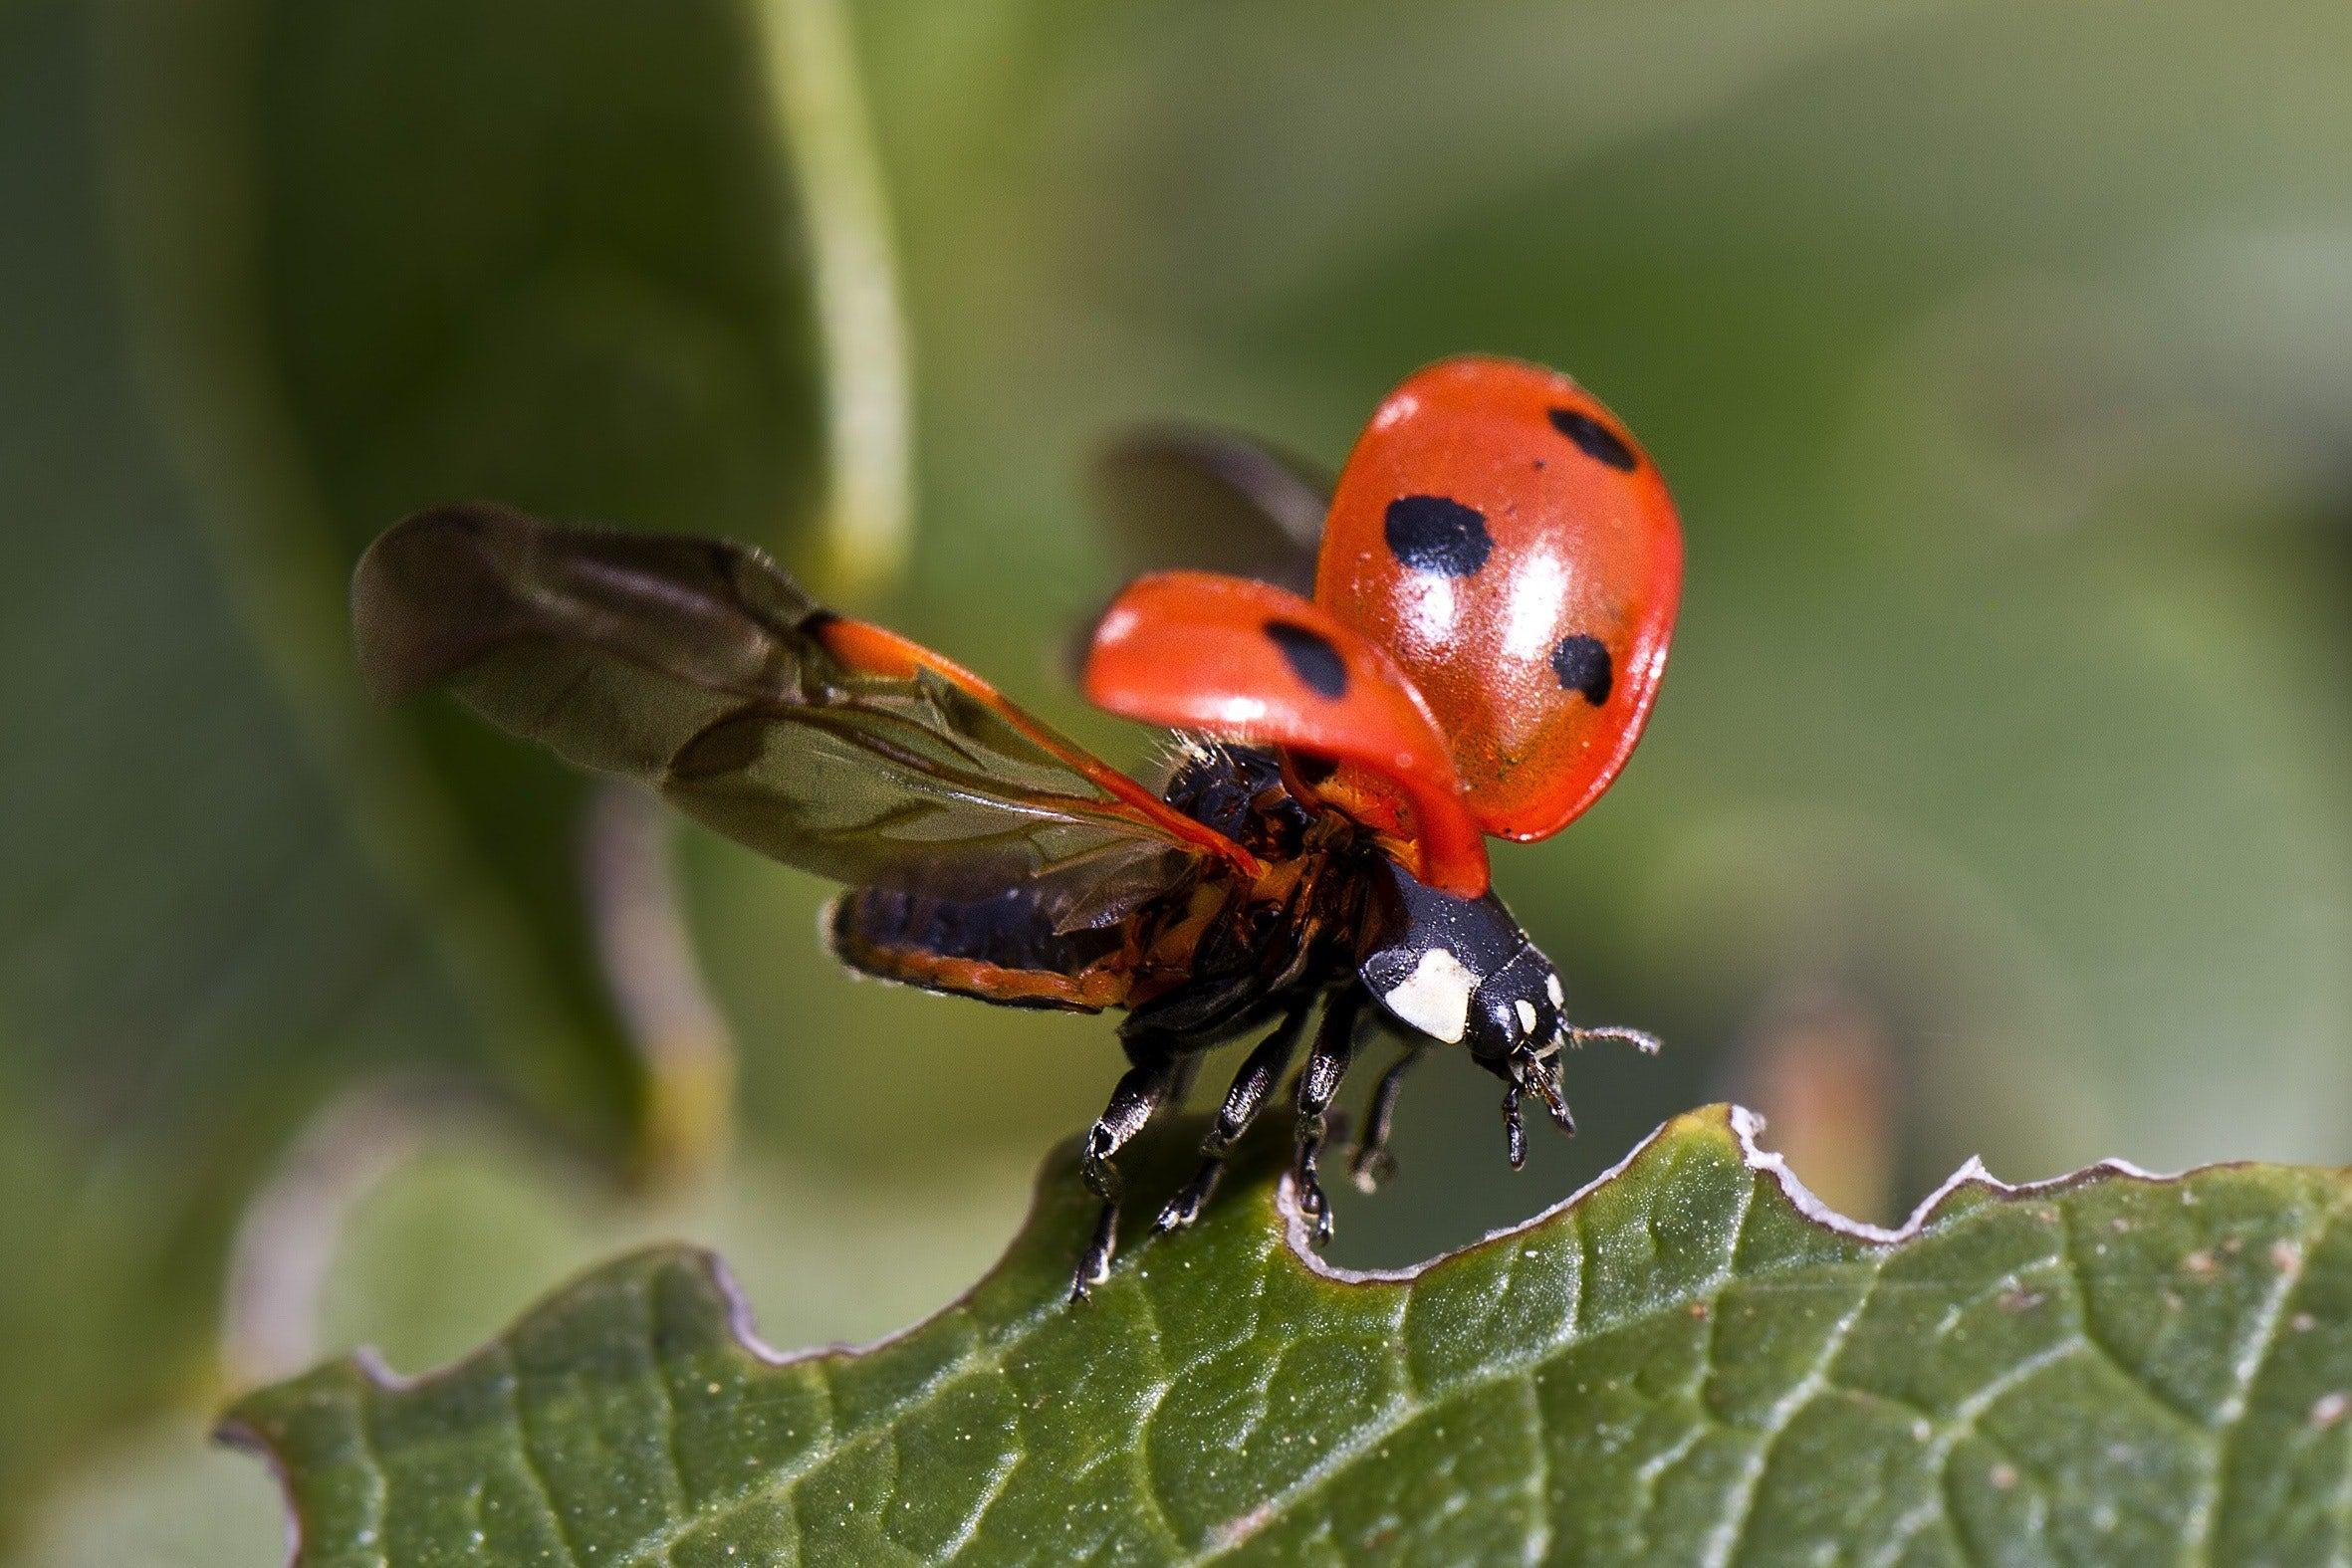 ladybug flying